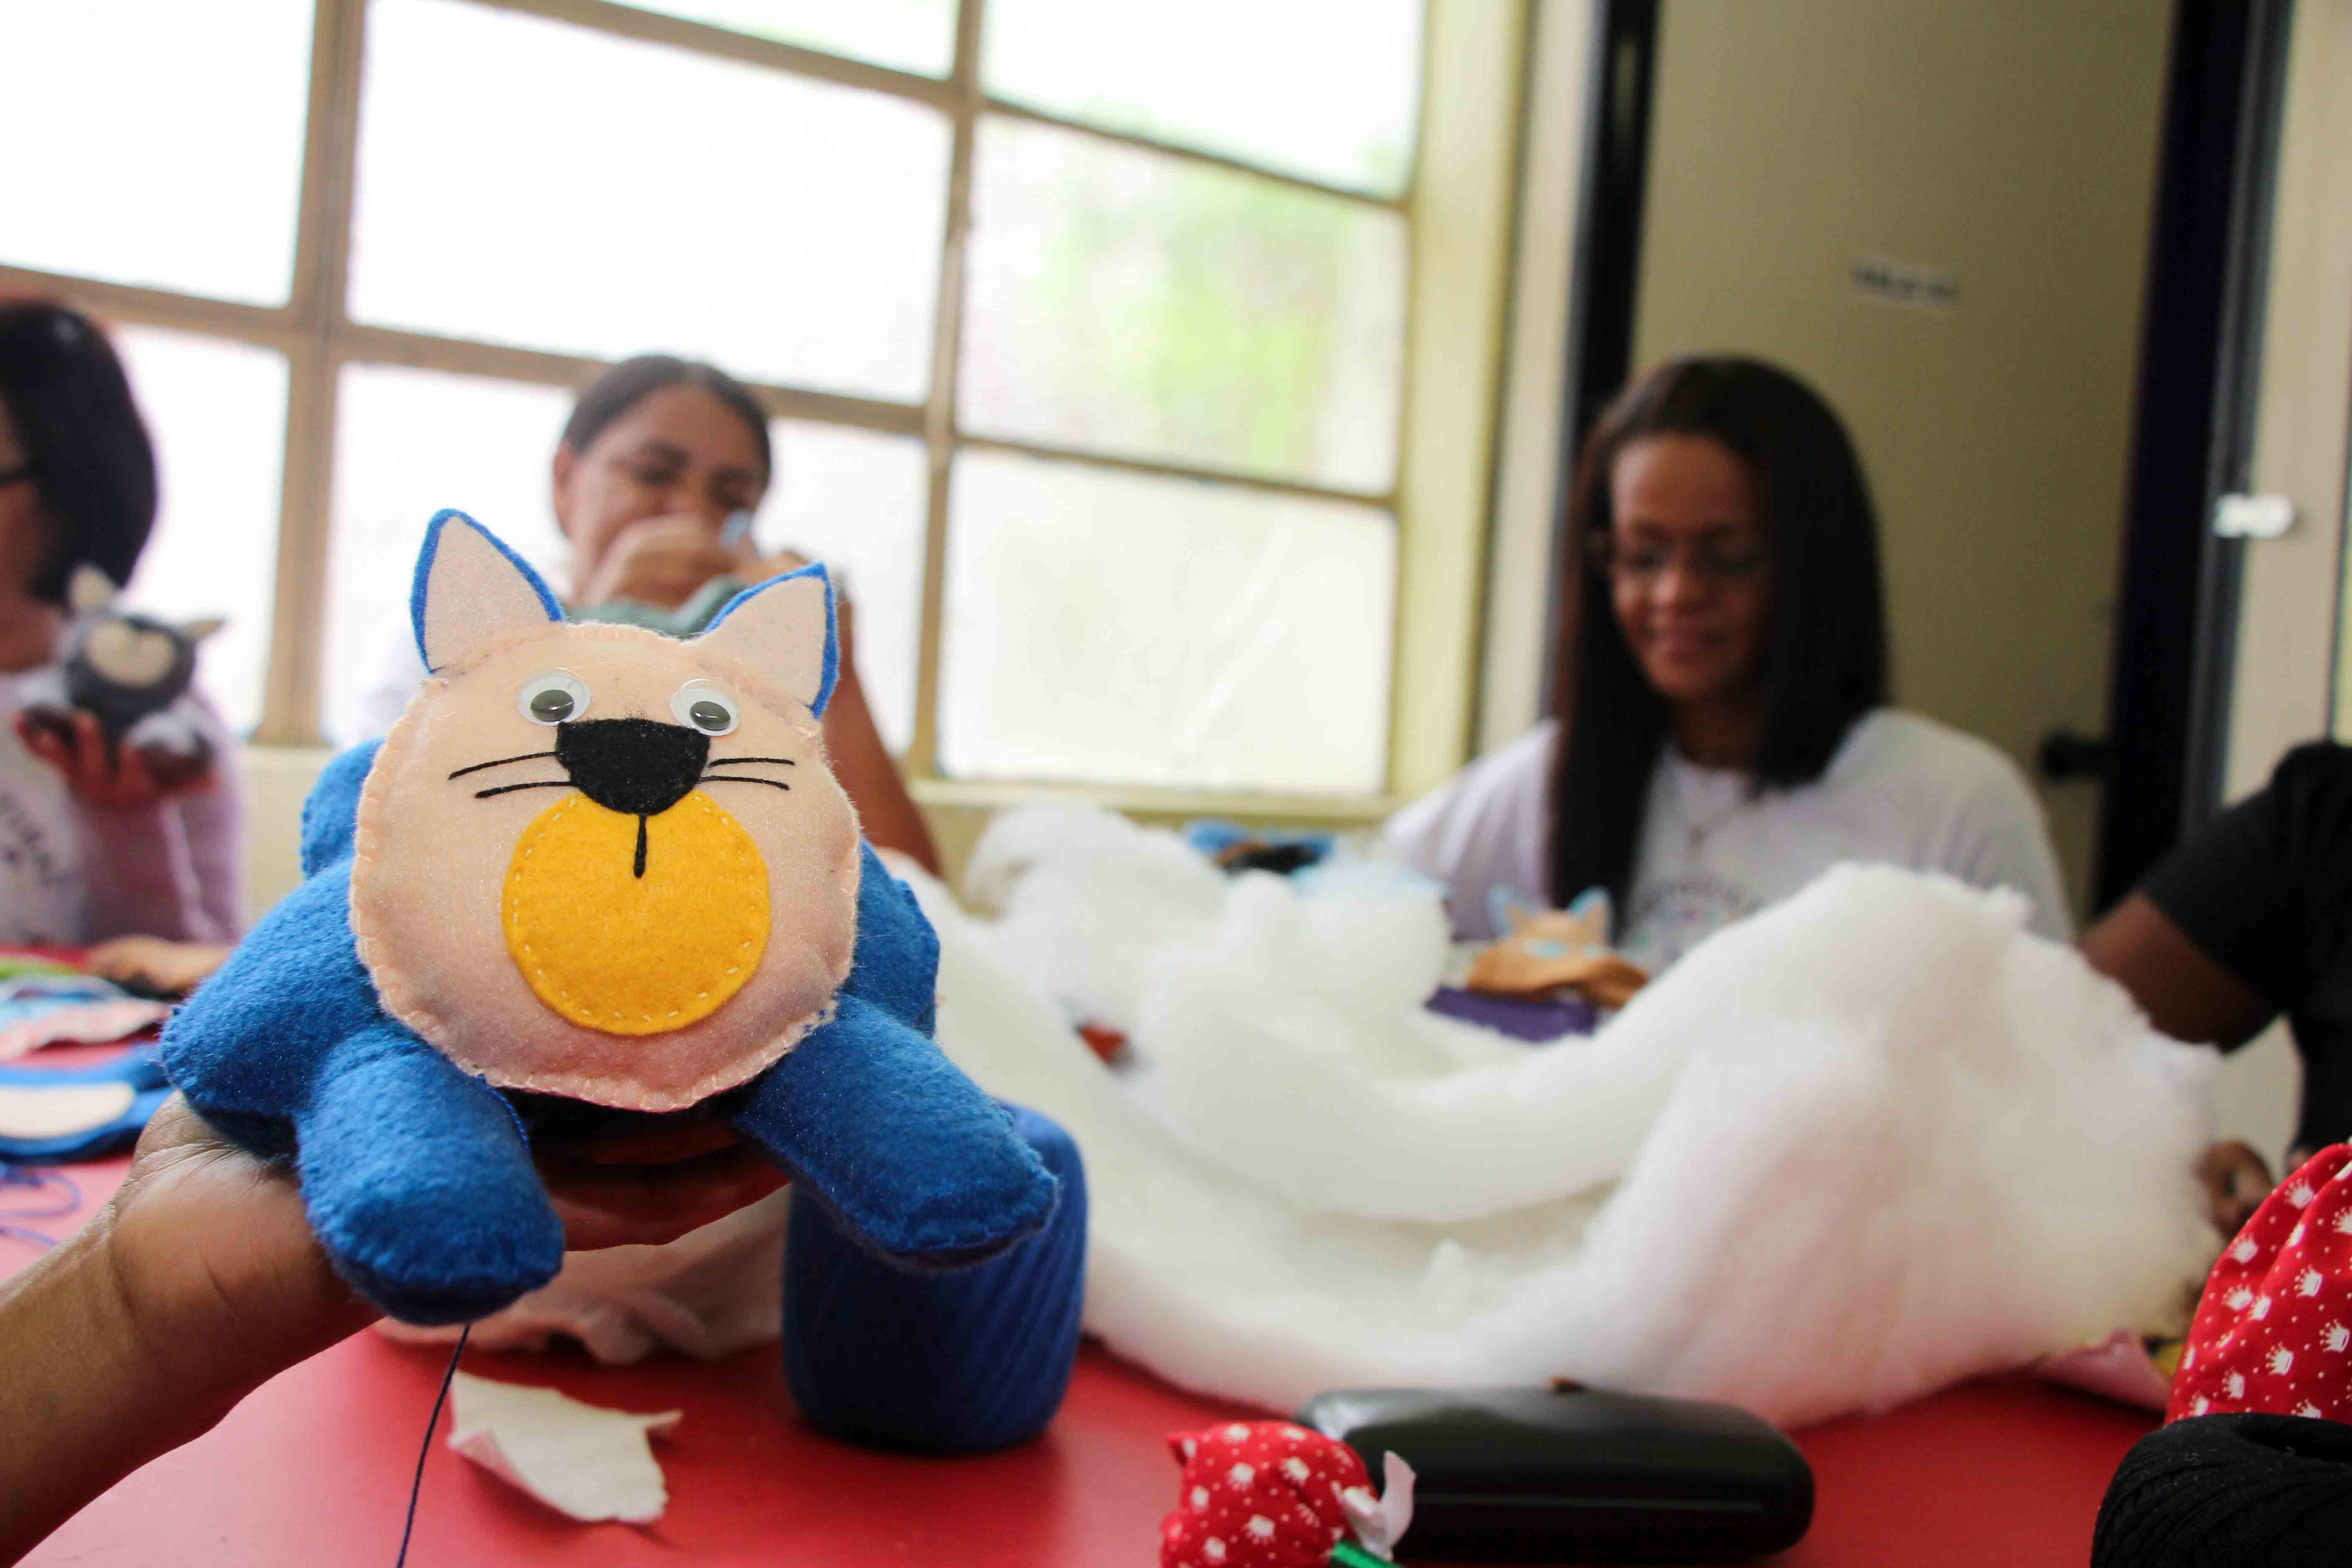 ONG que auxilia mais de 100 crianças passa por problemas financeiros na Penha